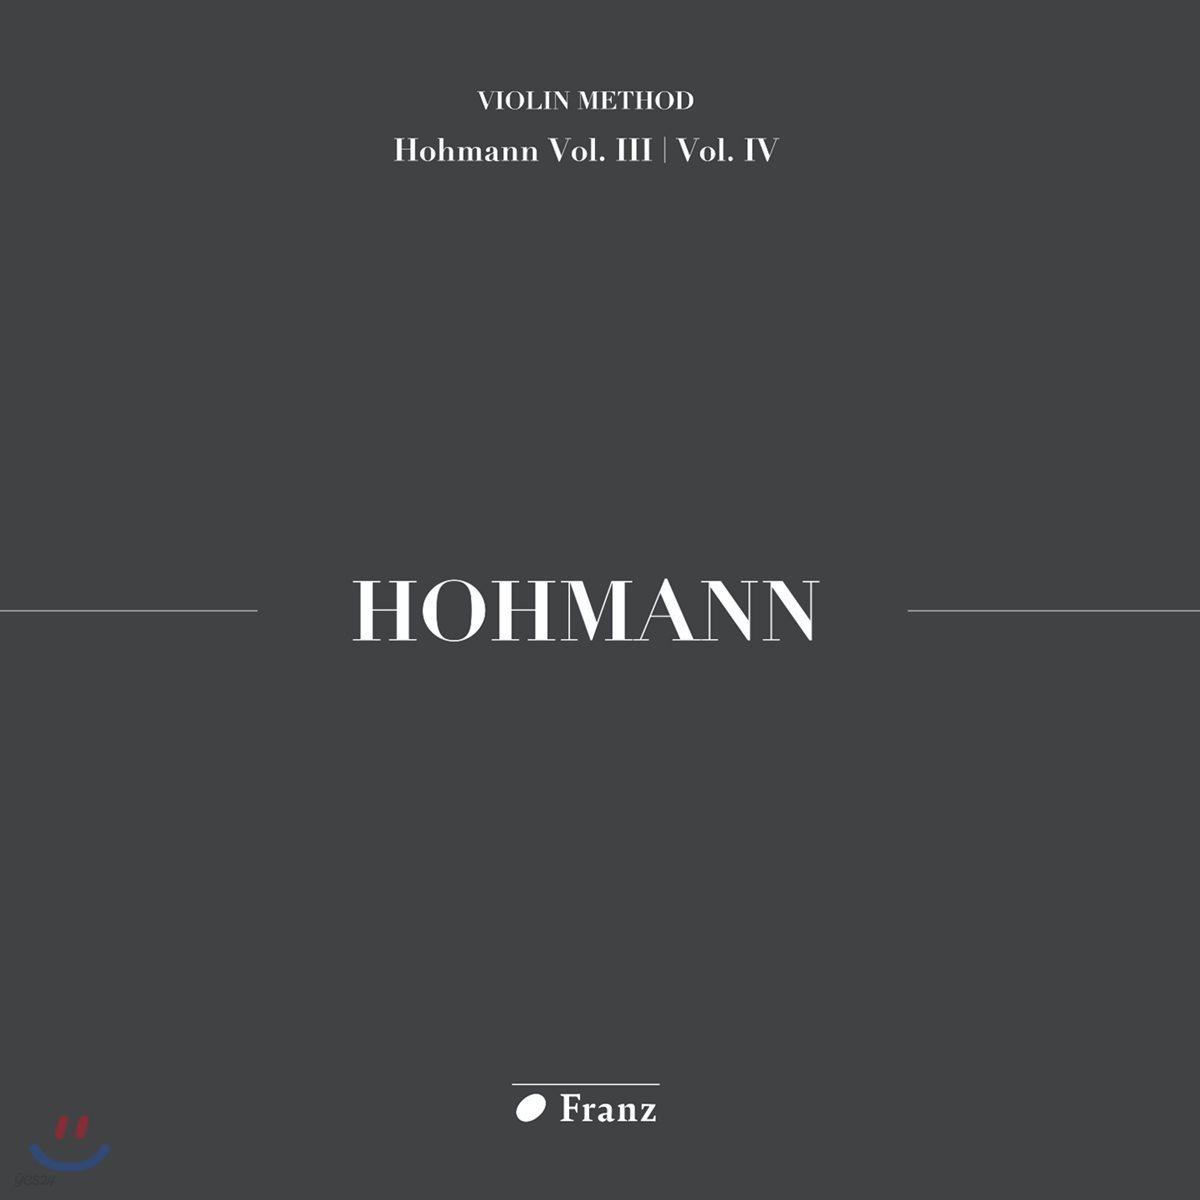 김수현 - 크리스티안 하인리히 호만: 바이올린 교본 3, 4권 연주집 (Christian Heinrich Hohmann: Violin Method Homann Vol.III / Vol. IV)